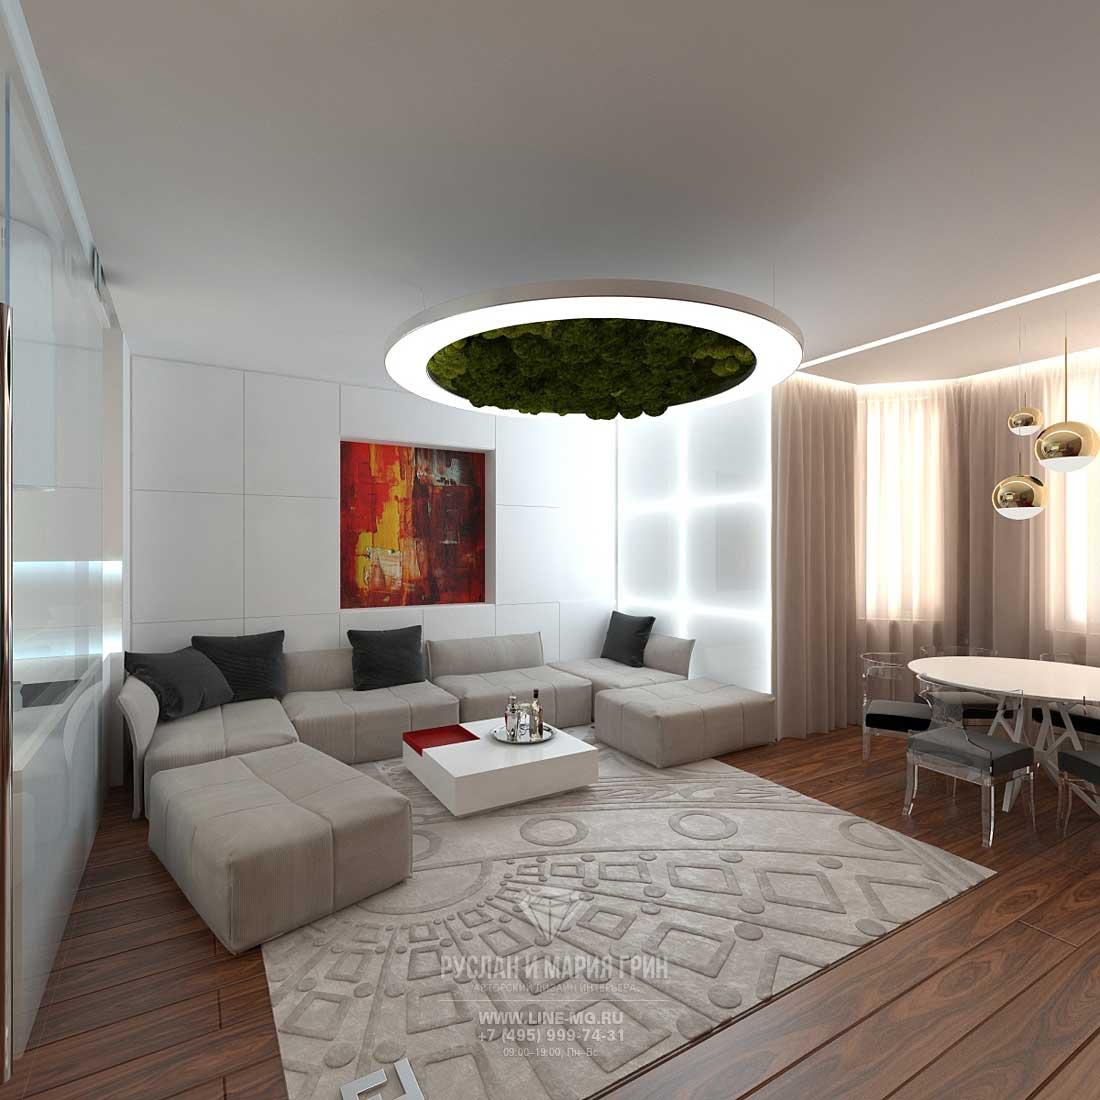 Дизайн интерьера гостиной в квартире, Москва